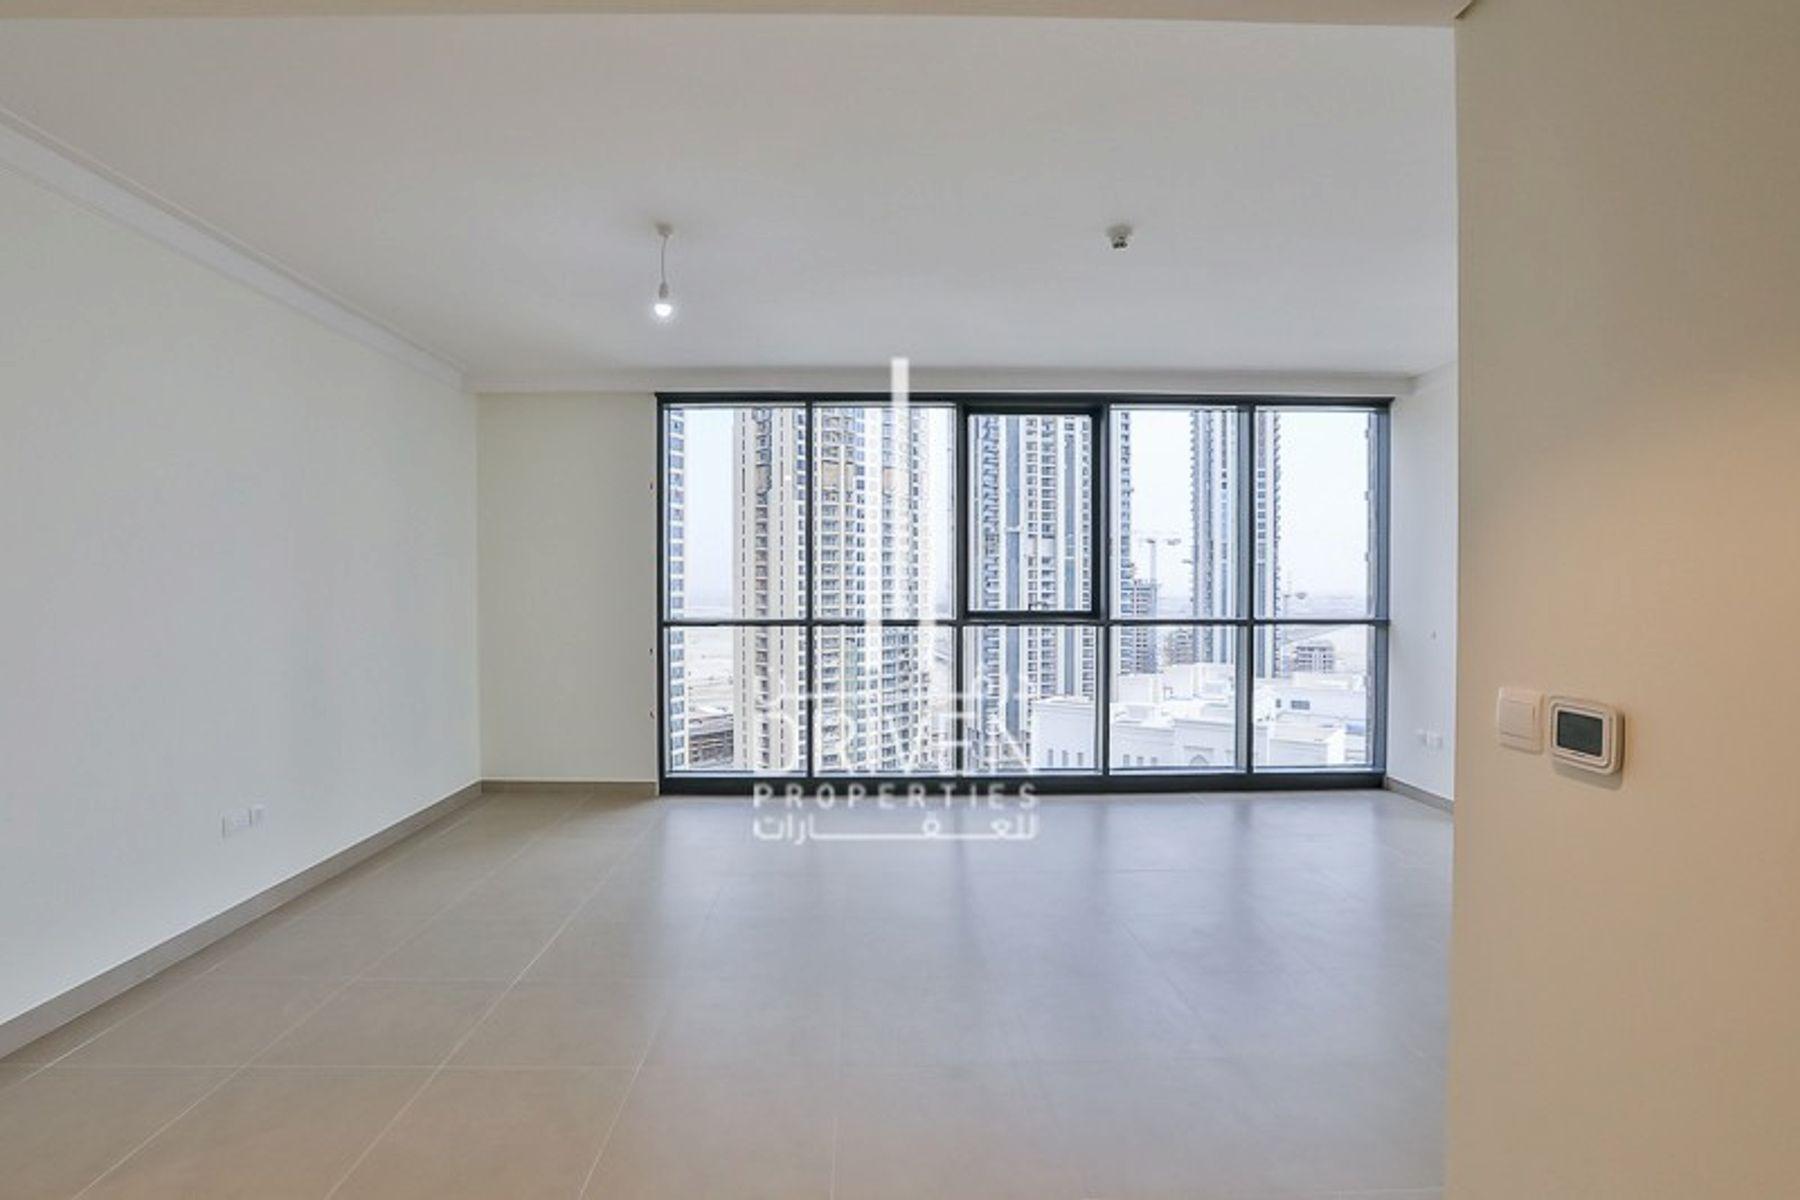 للبيع - شقة - دبي كريك ريزيدنس برج 3 شمال - ميناء خور دبي